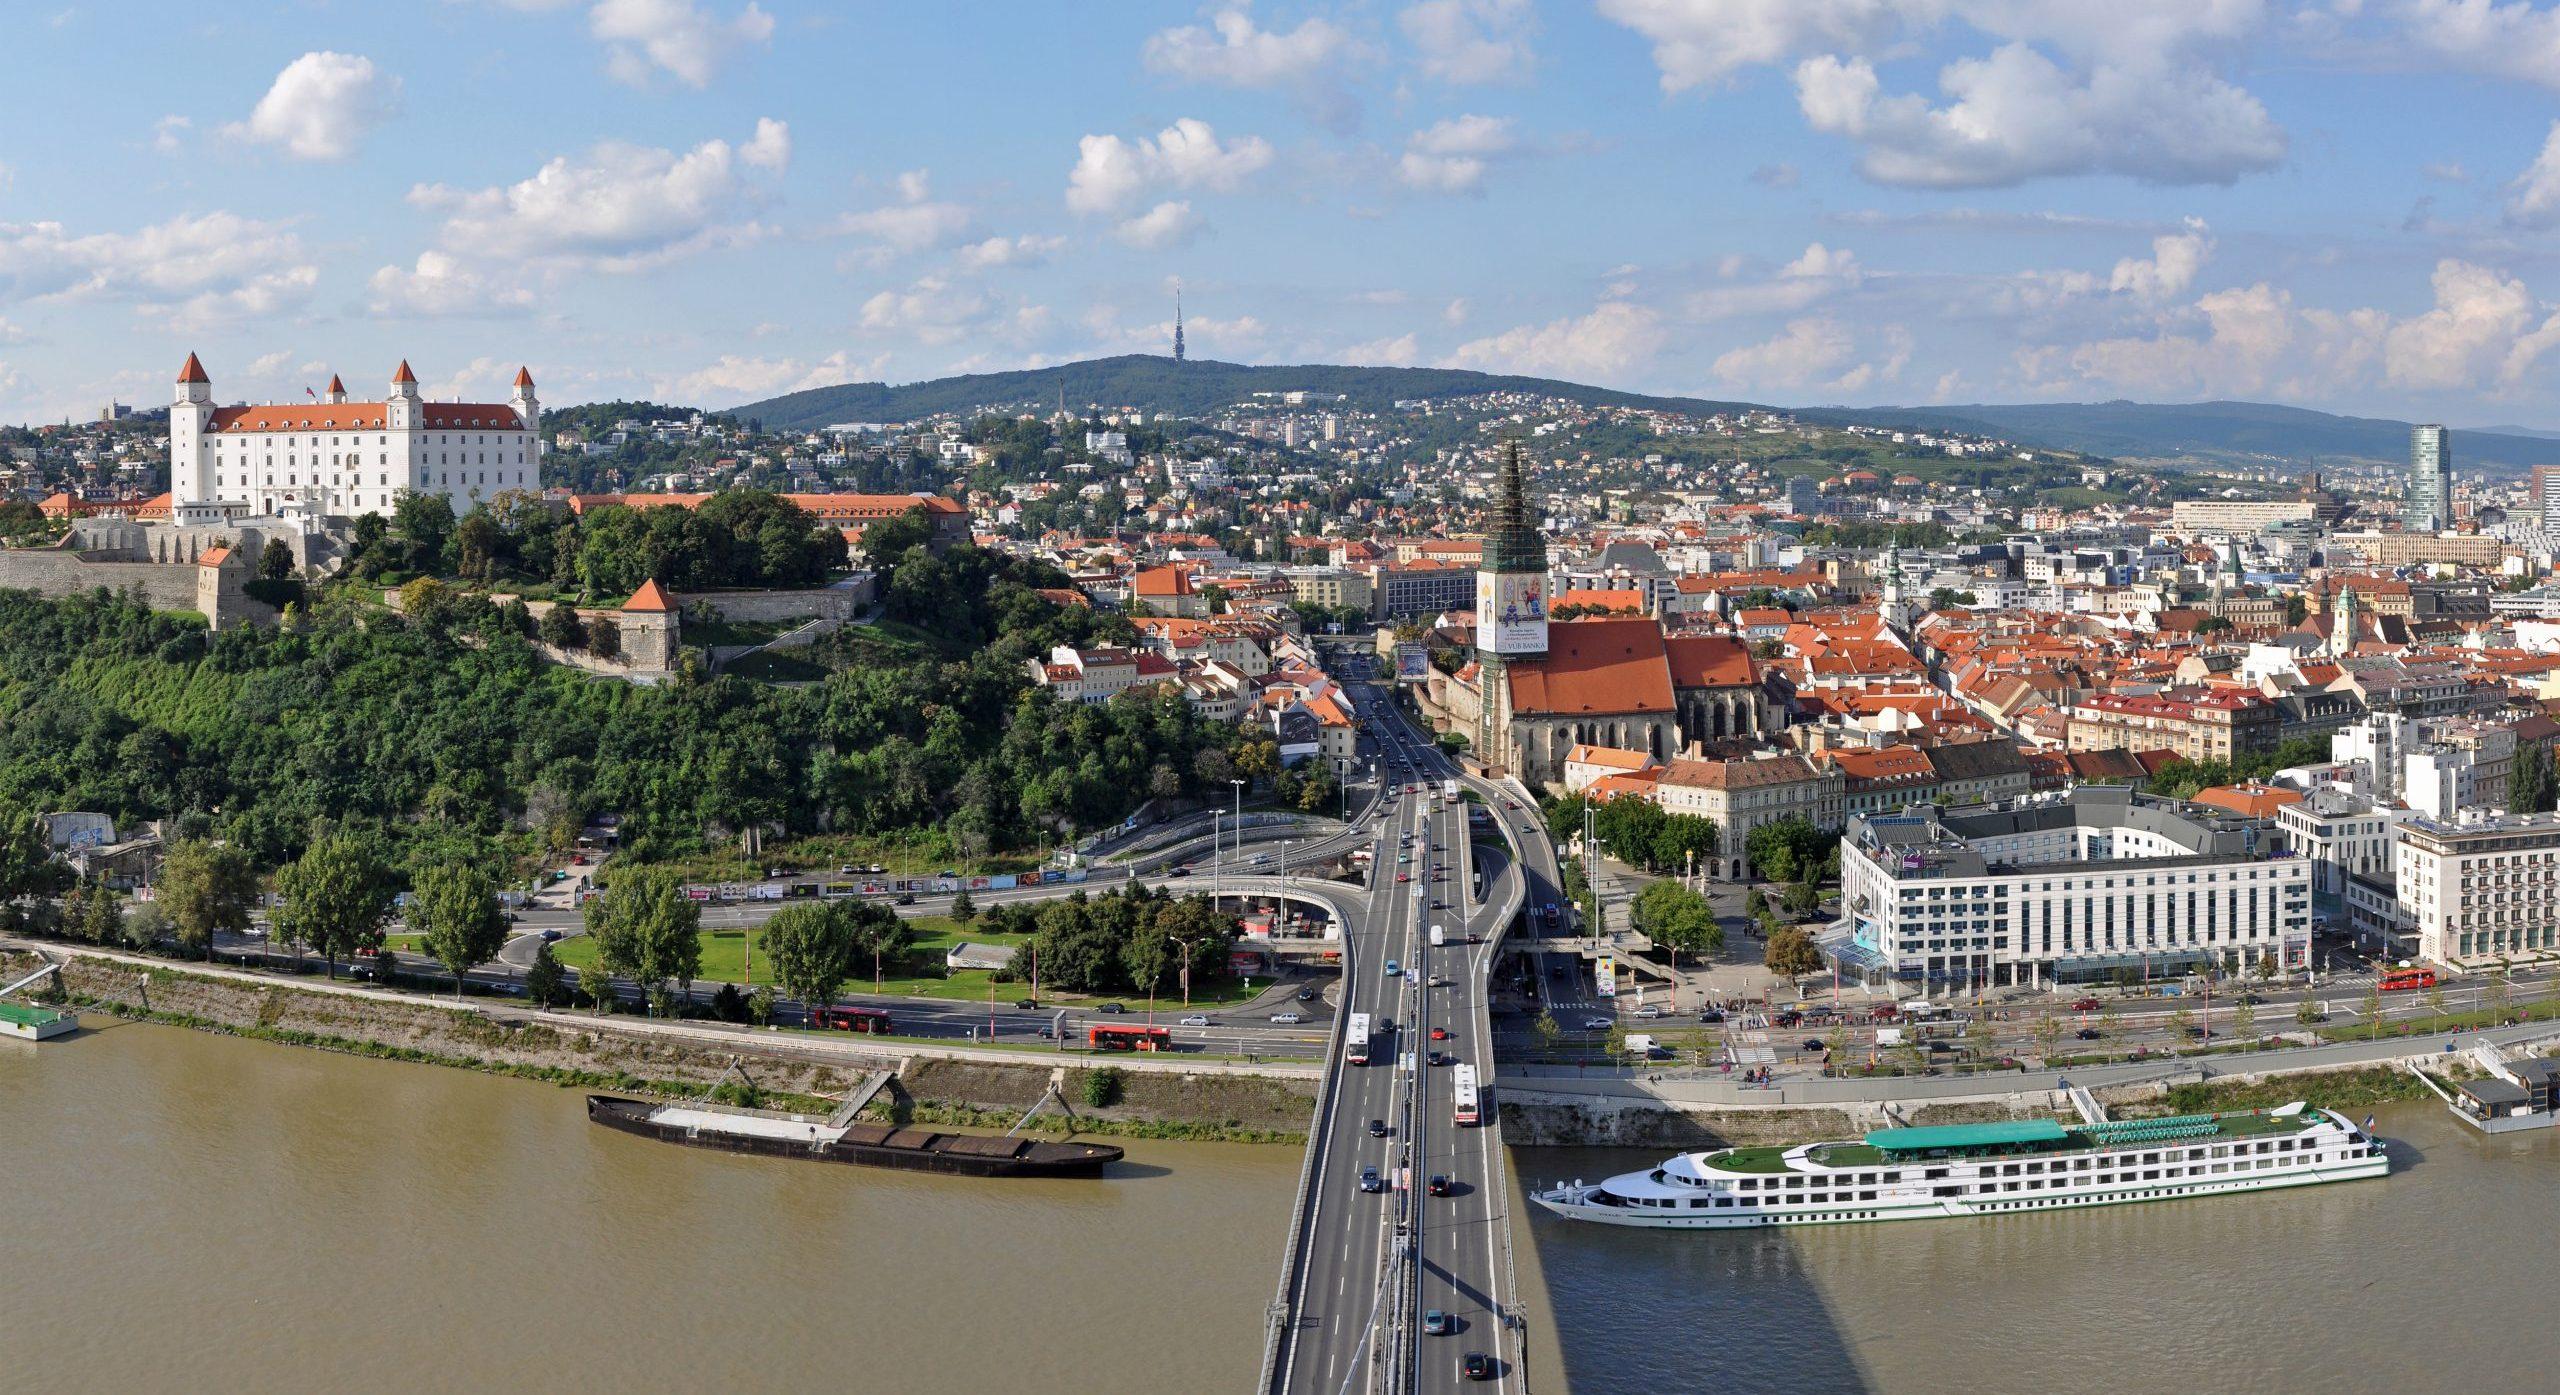 Slovakiet, der blev selvstændigt i 1993 efter skilsmissen Tjekkiet (de to lande hed før Tjekkoslovakiet), har nu så høje smittetal, at landet formentlig bliver orange i de danske rejsevejledninger. Her er det fra Bratislava, hovedstaden i Slovakiet. Wikipedia-foto: Marc Ryckaert.